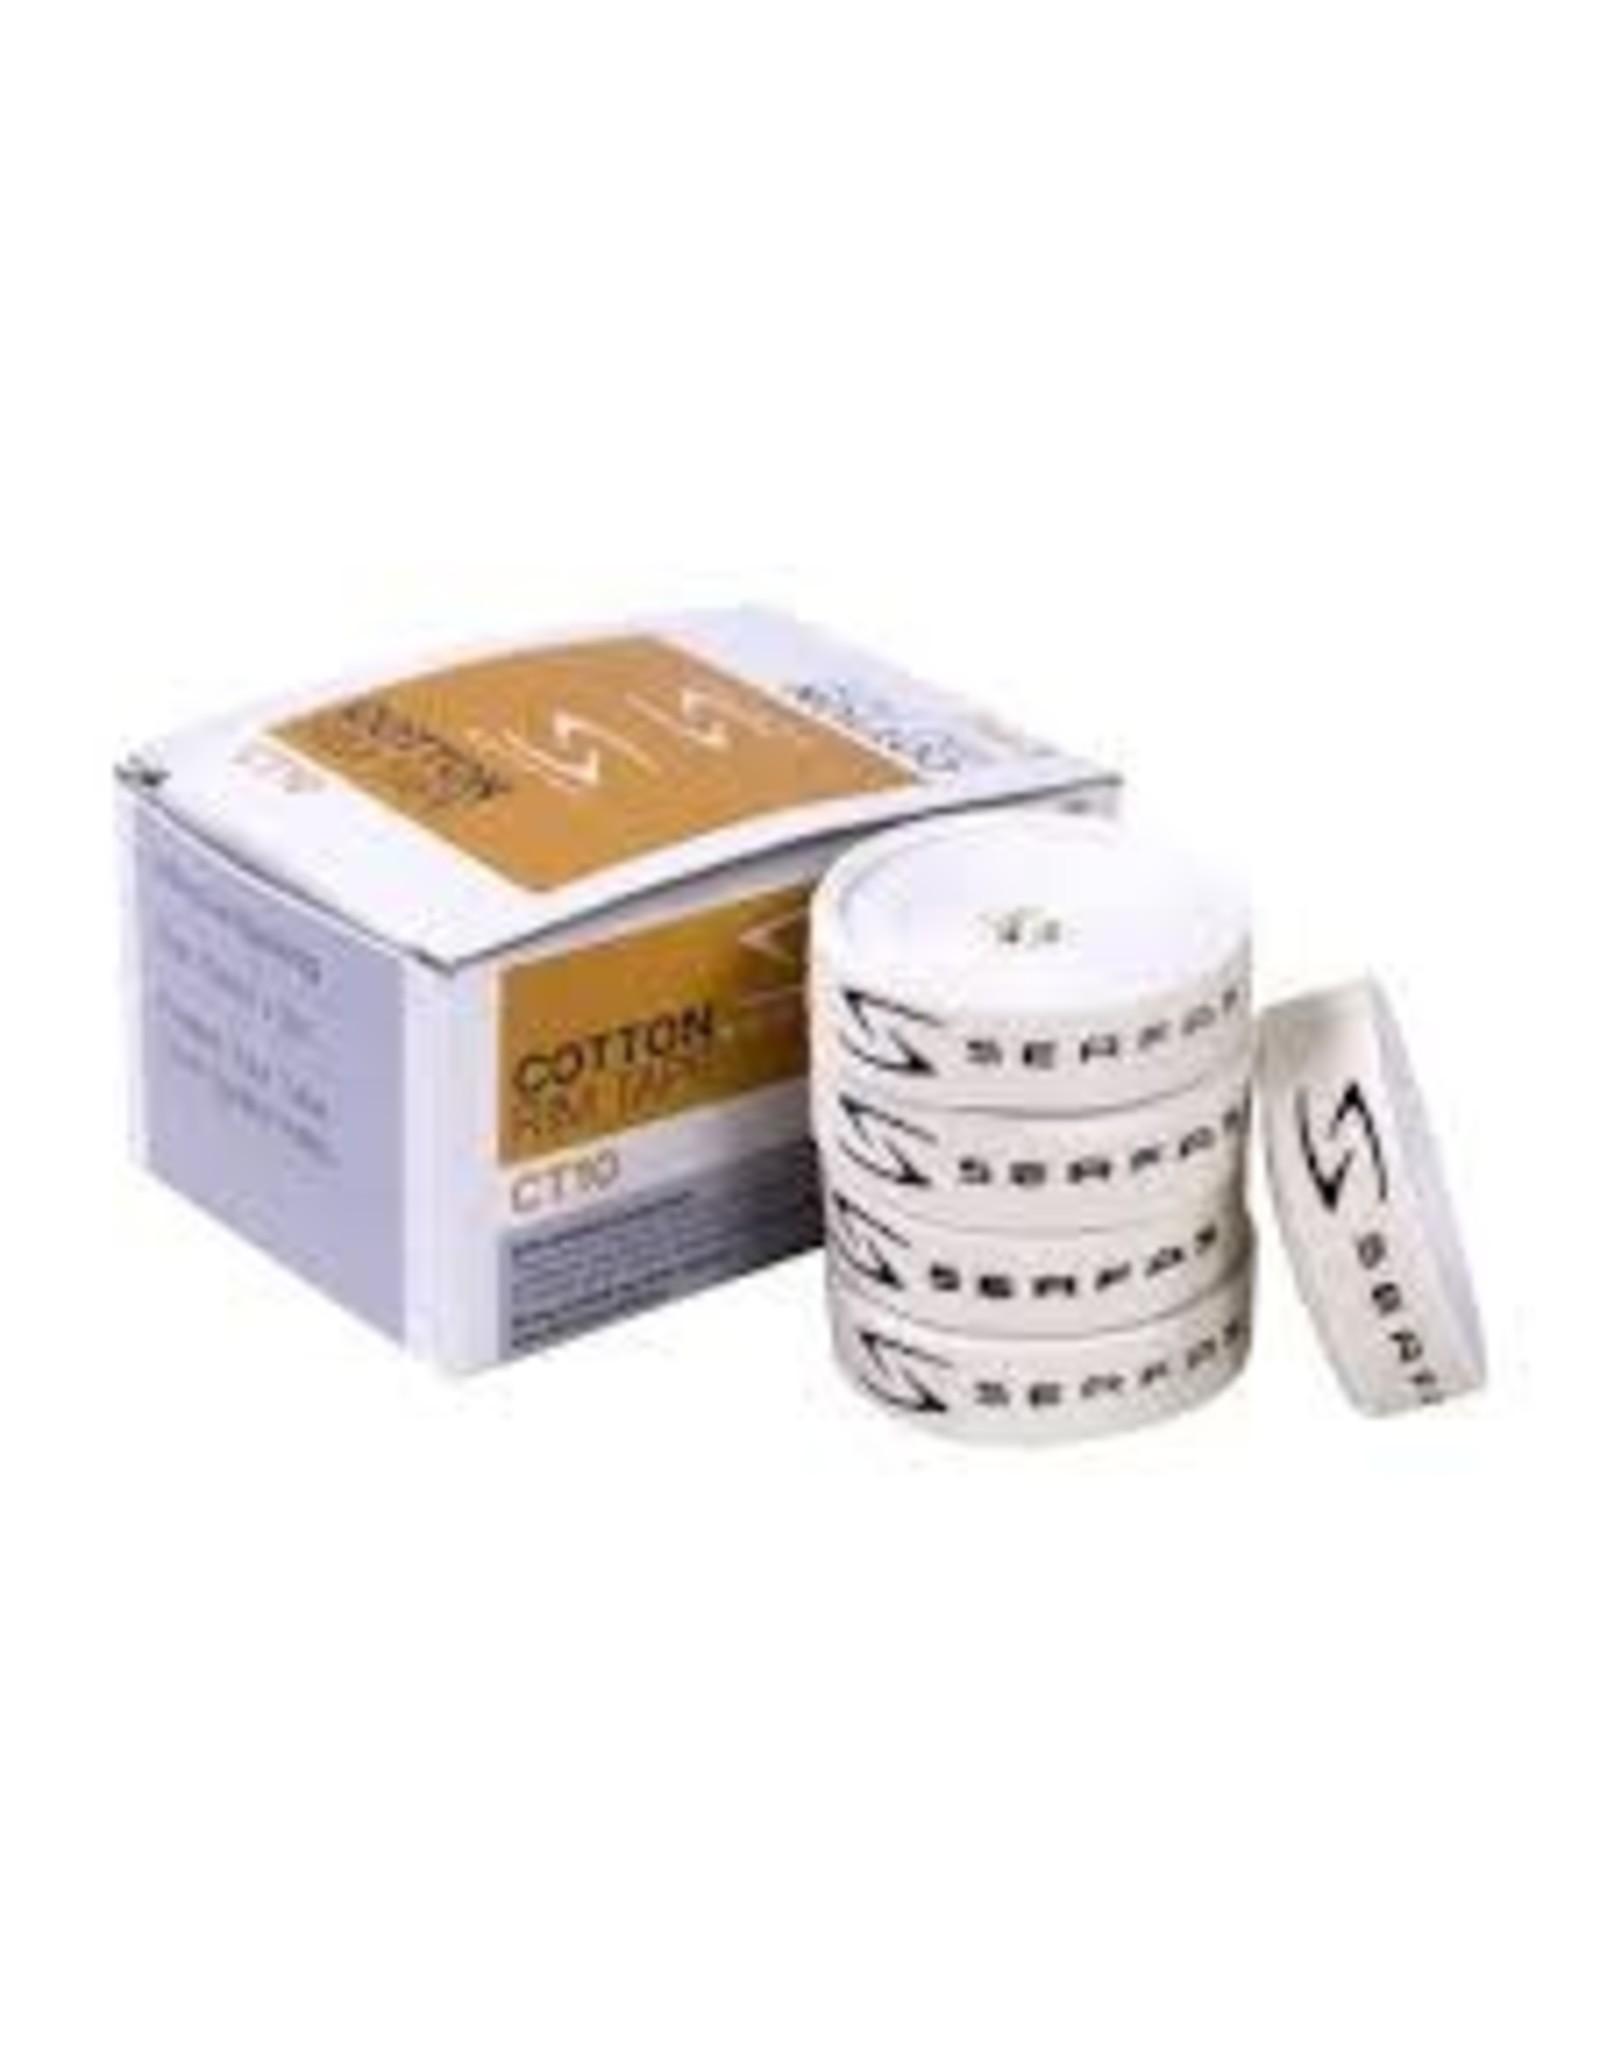 Serfas Rim Tape Serfas 16mm Box of 10